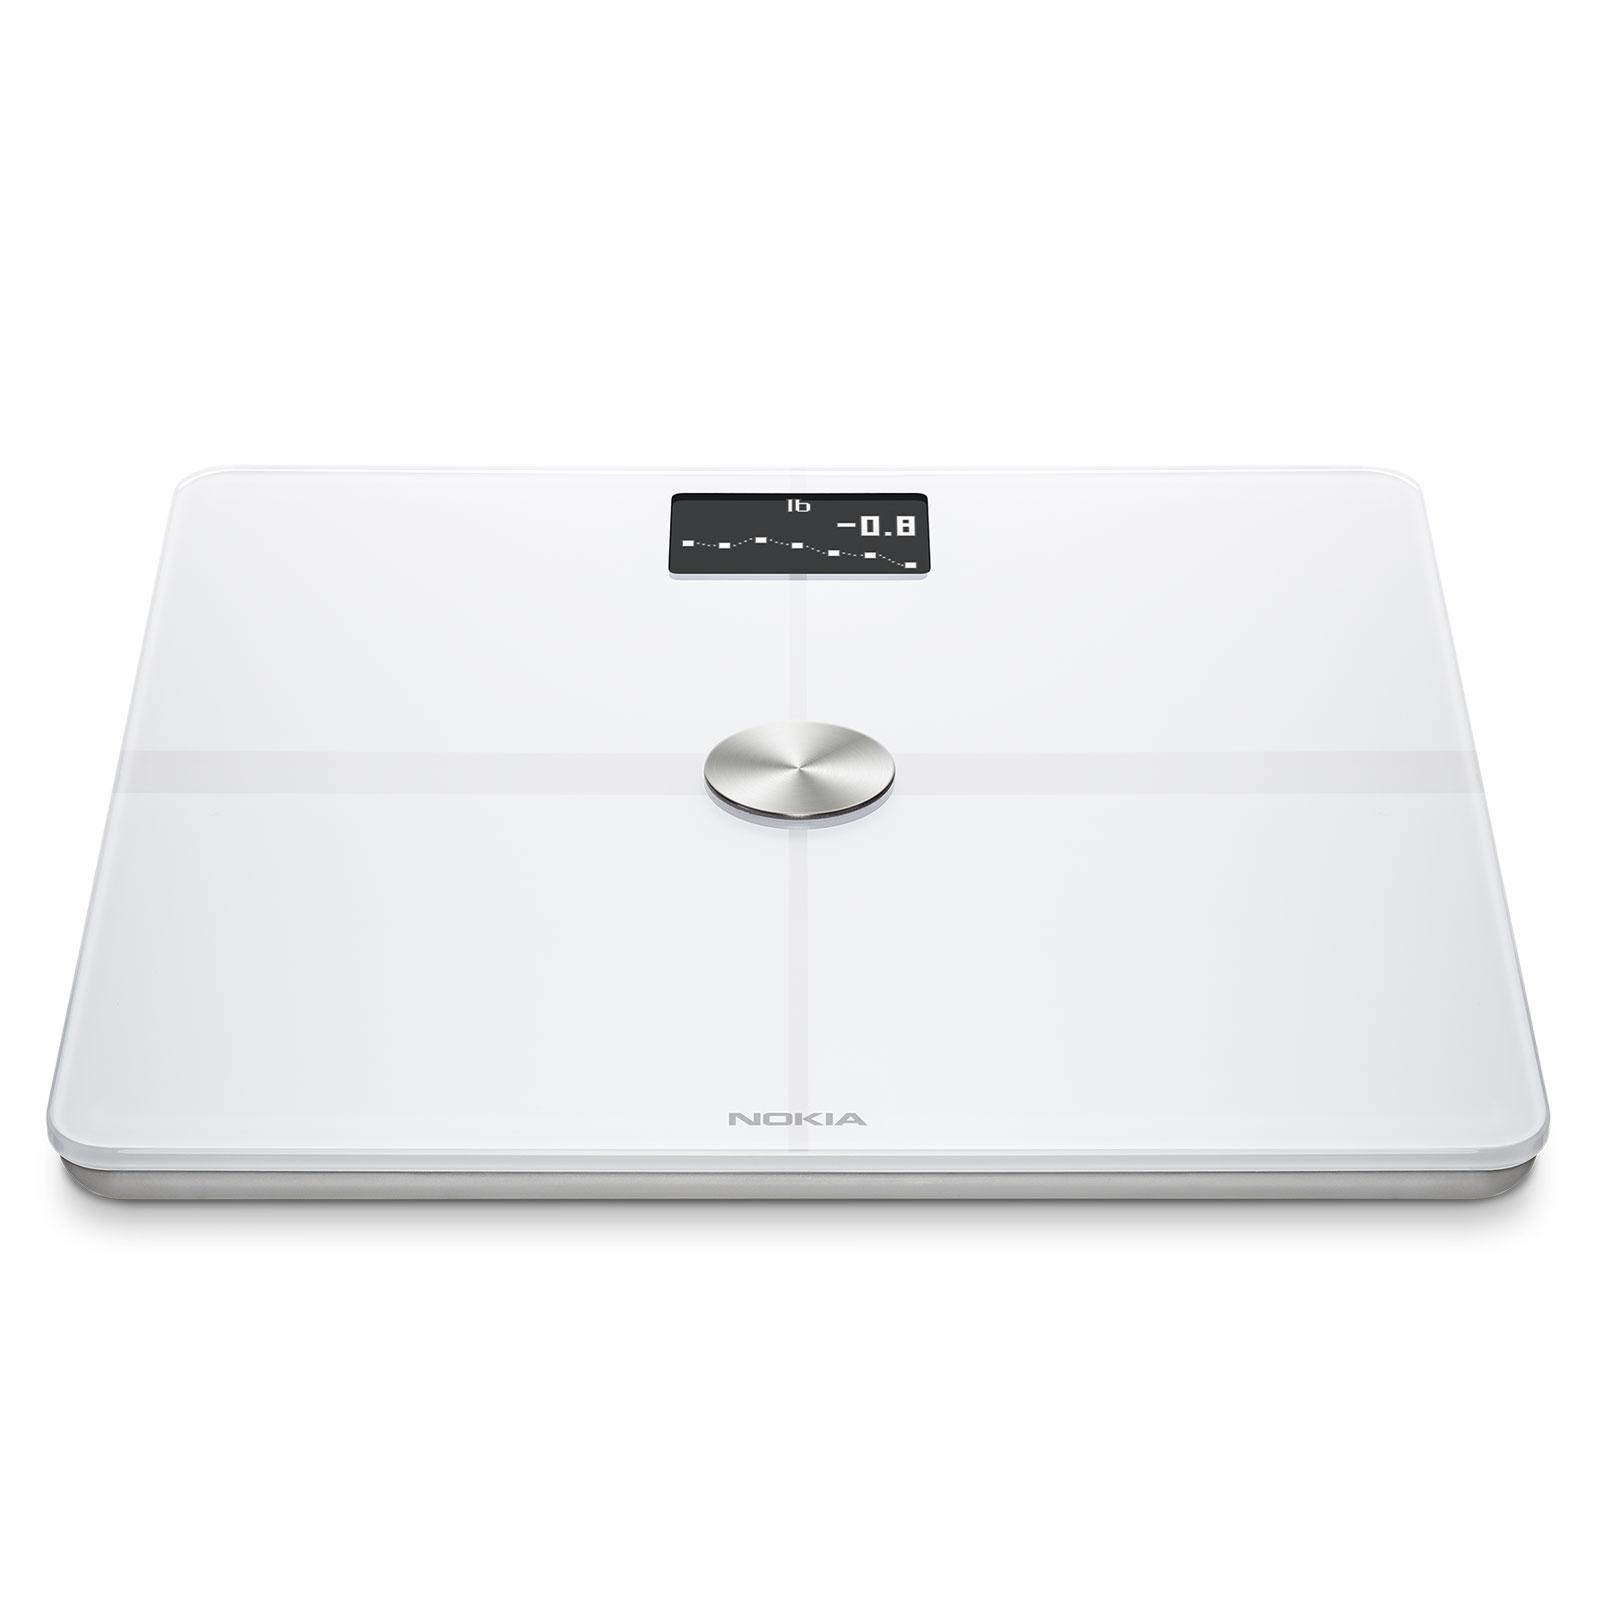 Balance connectée Withings Nokia Body+ Blanc Balance connectée avec composition corporelle, sauvegarde 8 utilisateurs, Bluetooth et Wi-Fi (iOS et Android)